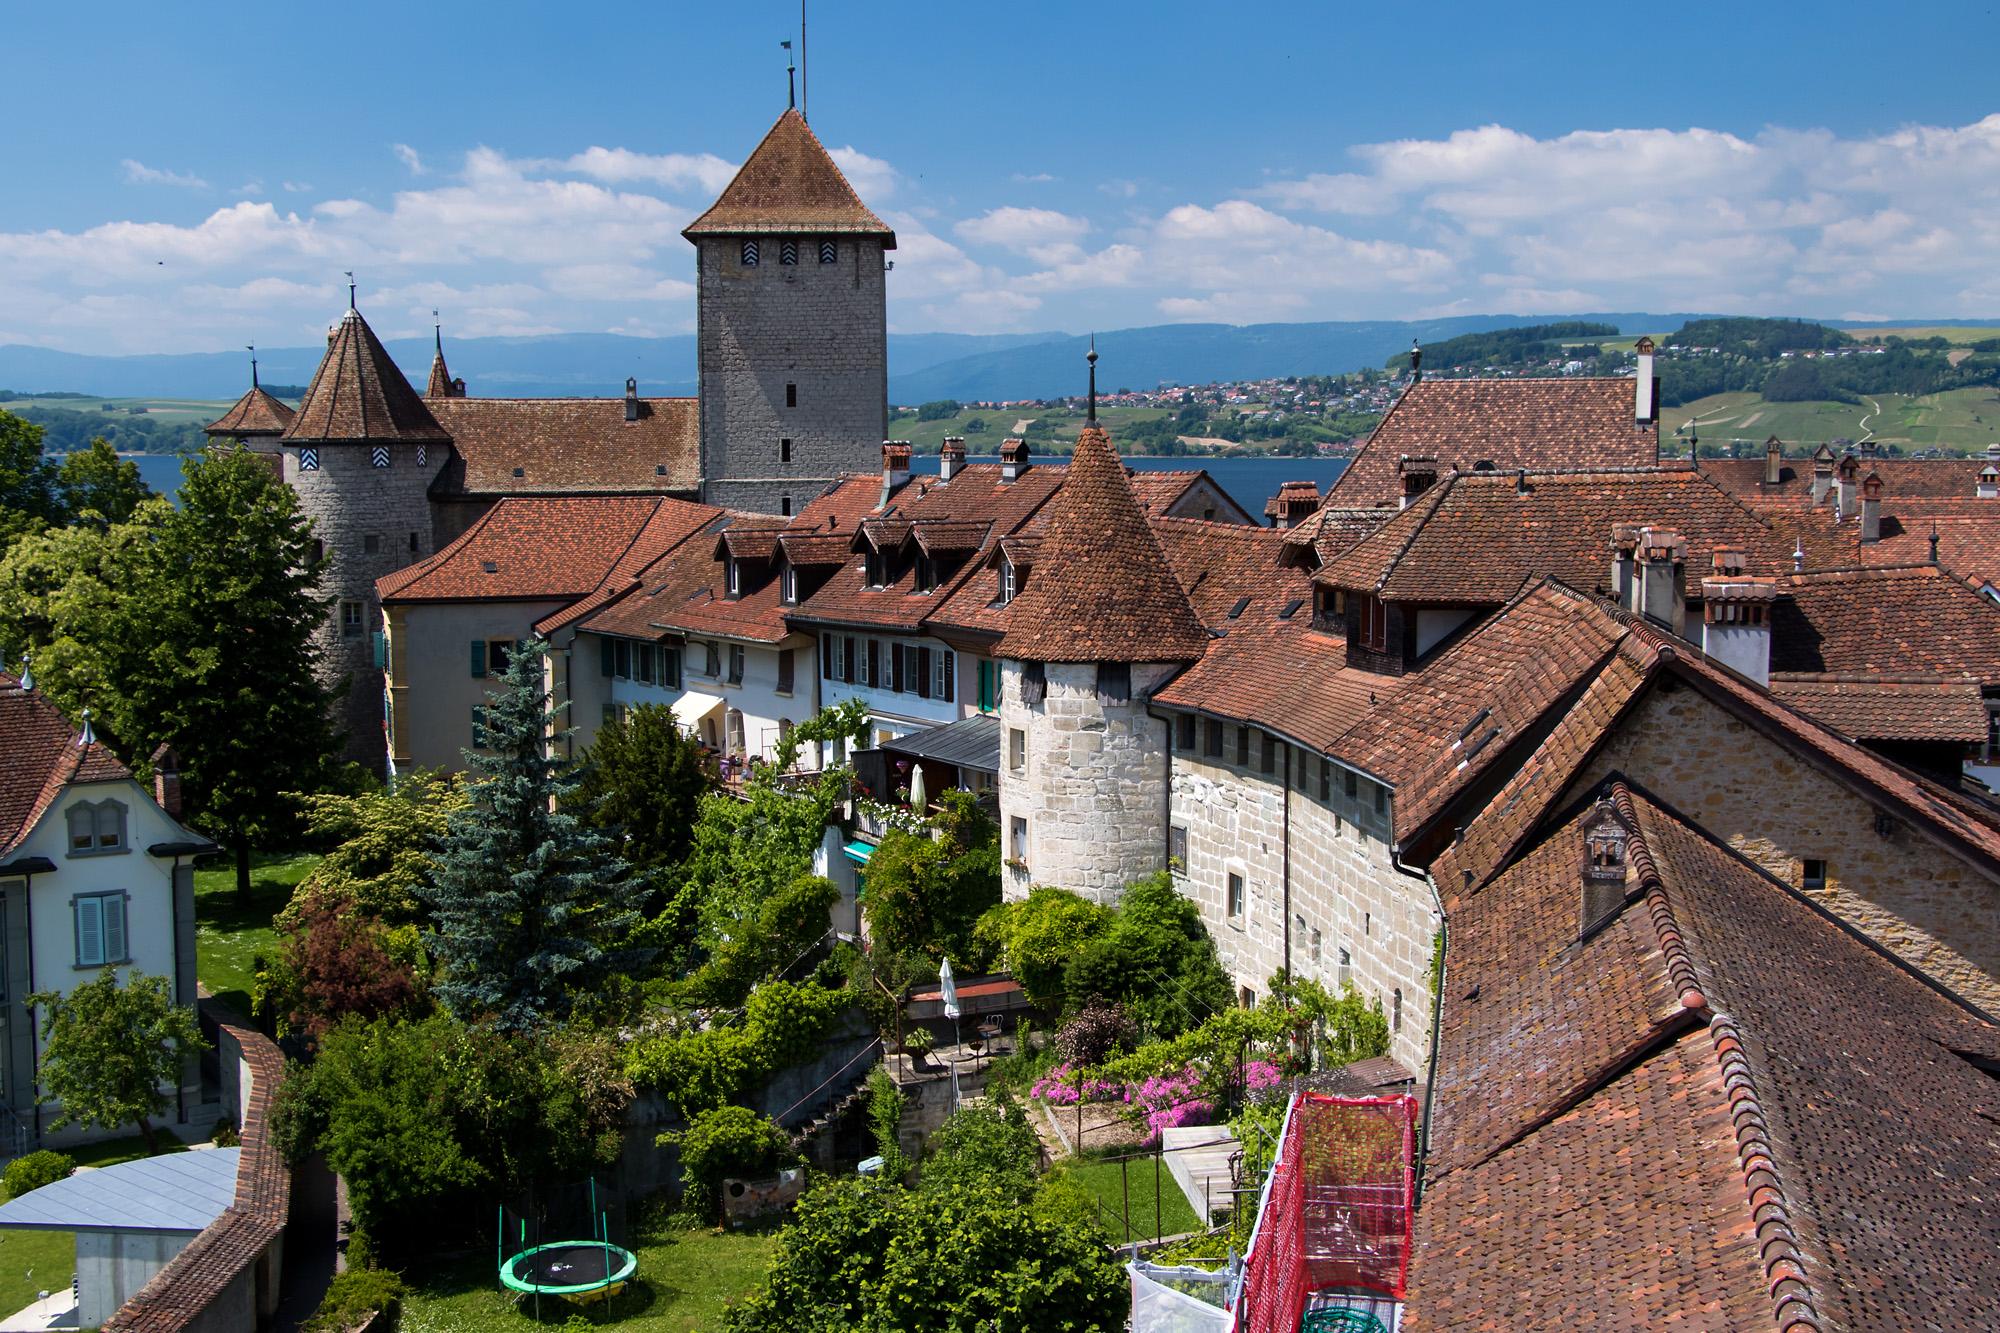 Blick von der Murtener Ringmauer auf das Schloss